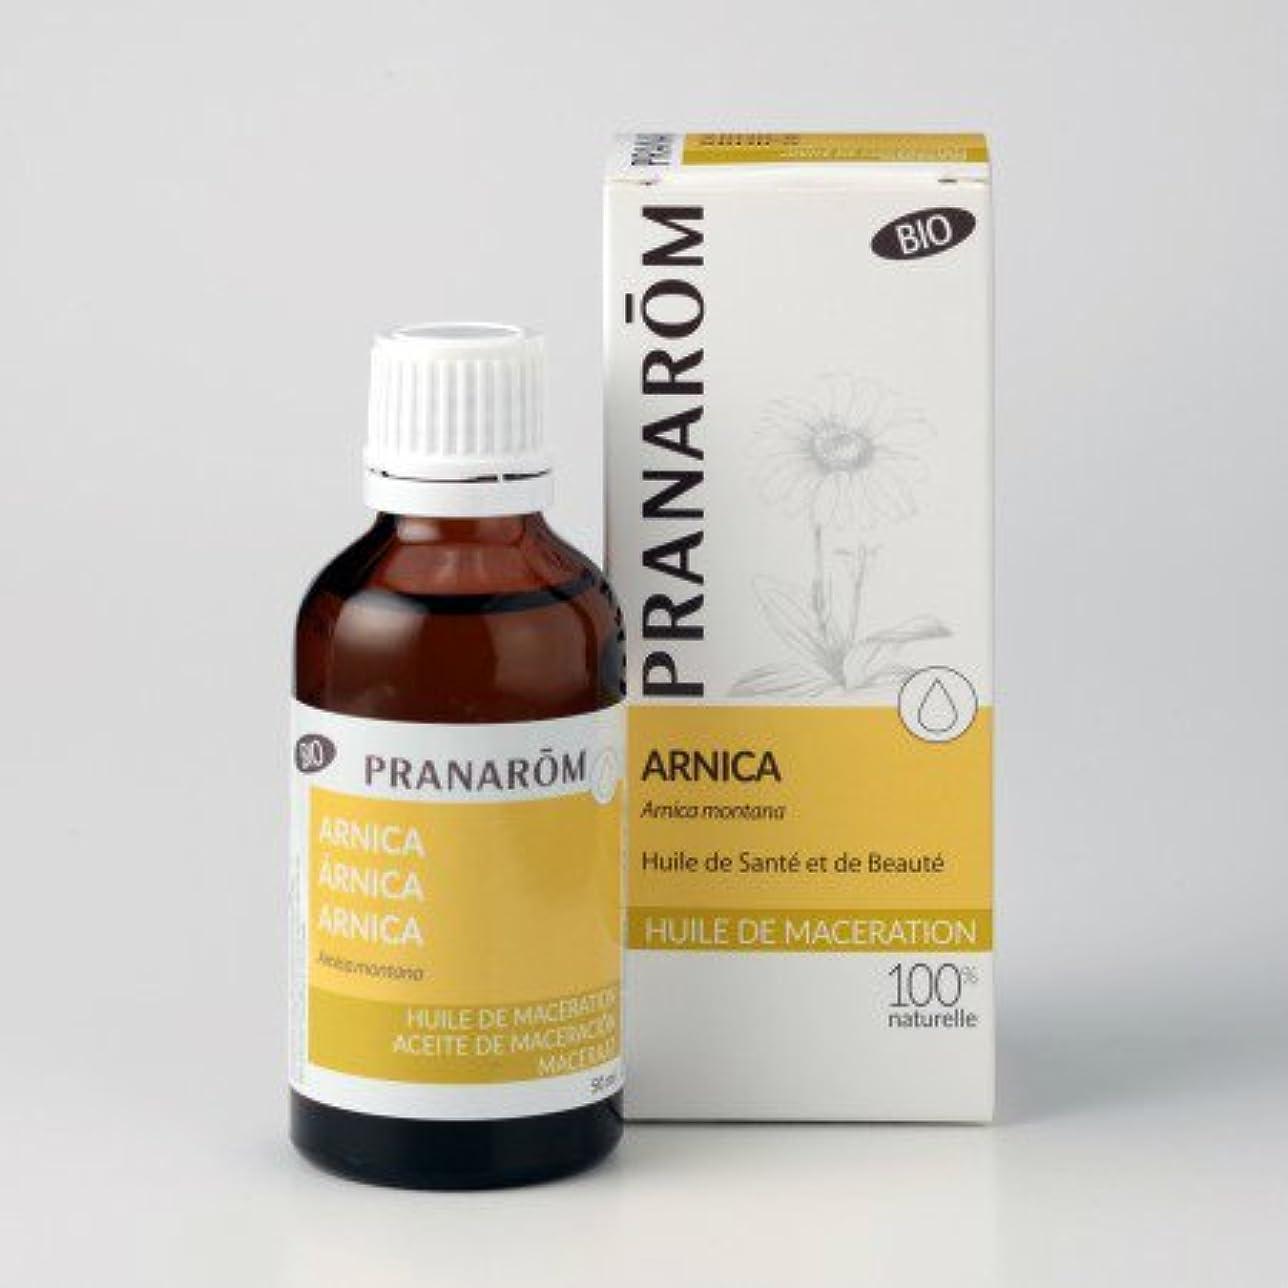 鳴り響くショッピングセンターベイビープラナロム アルニカオイル 50ml (PRANAROM 植物油)